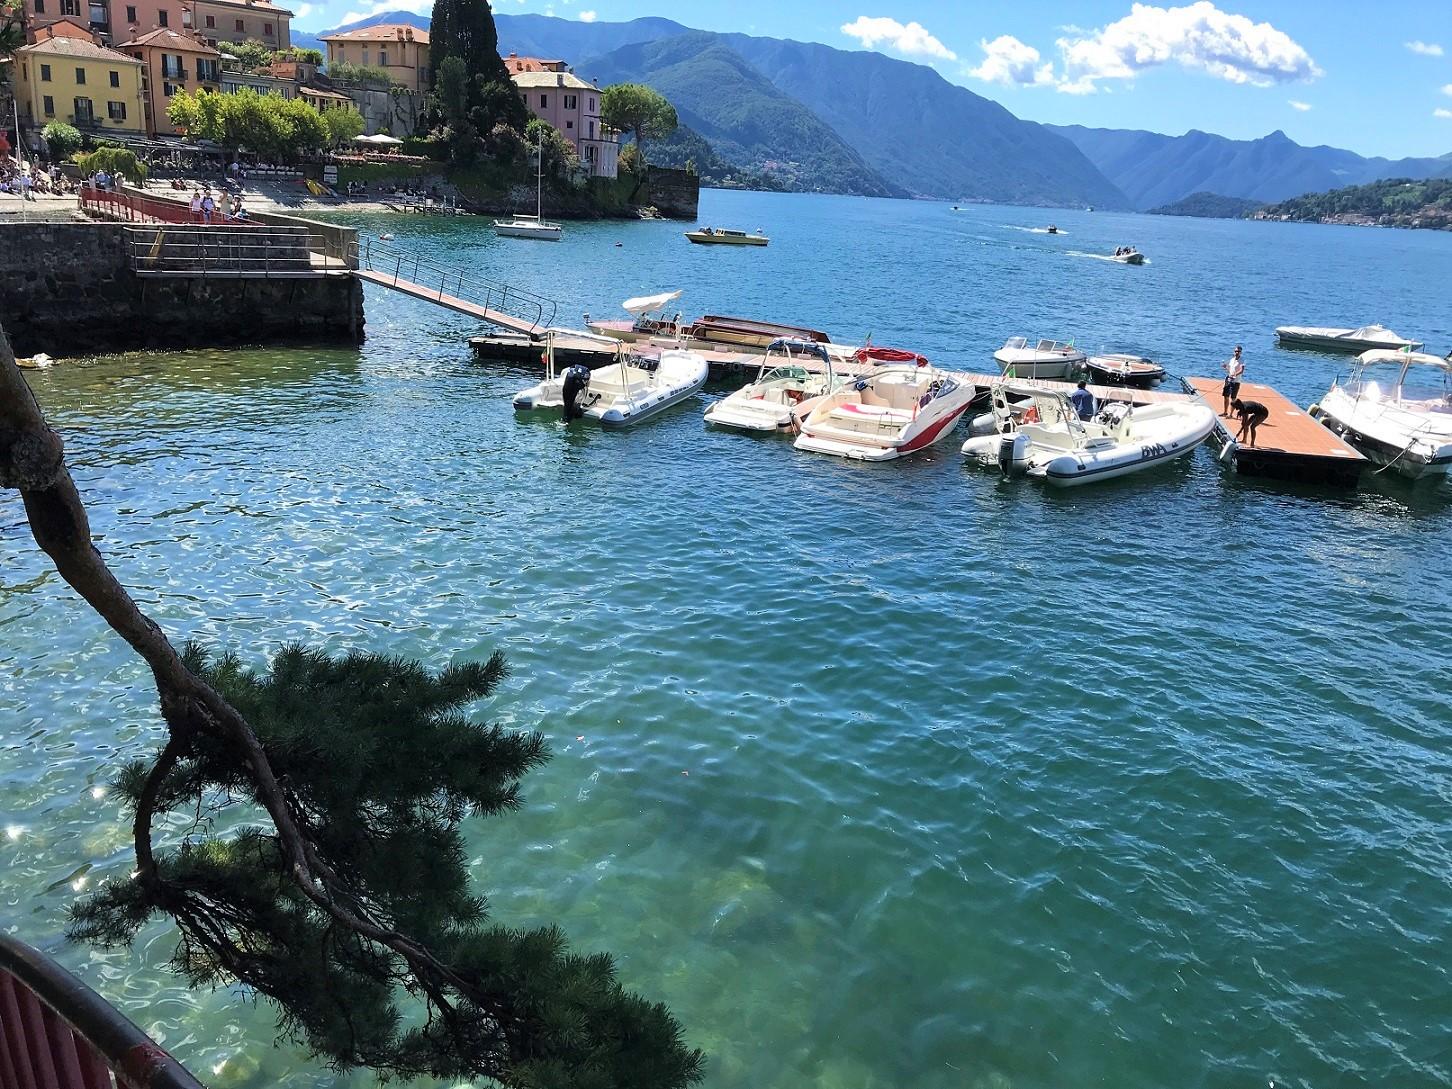 Varenna on Lake Como - harbor - best towns to visit on Lake Como